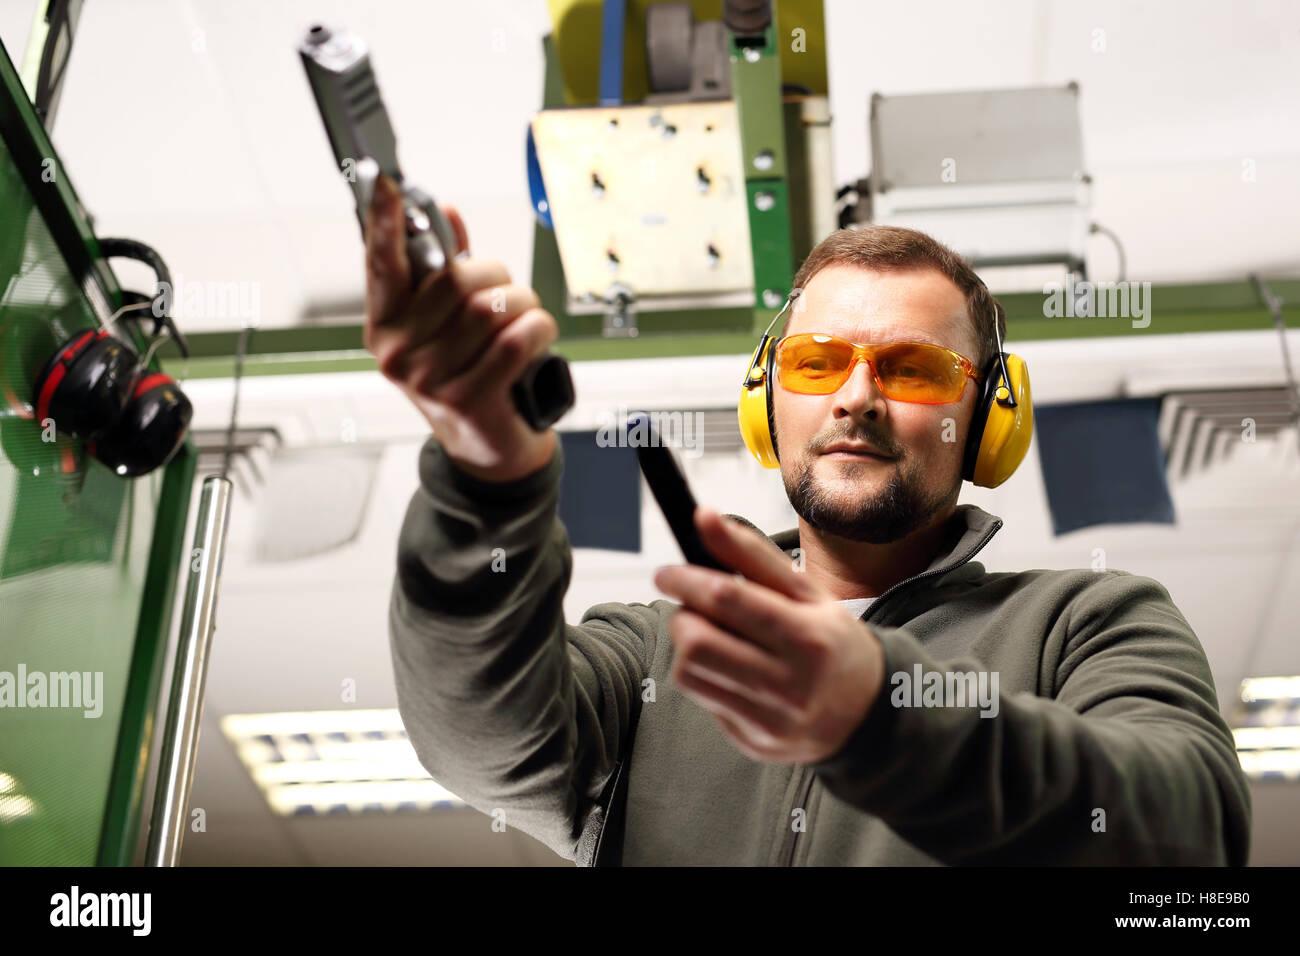 L'uomo al tiro pistola ricariche Immagini Stock